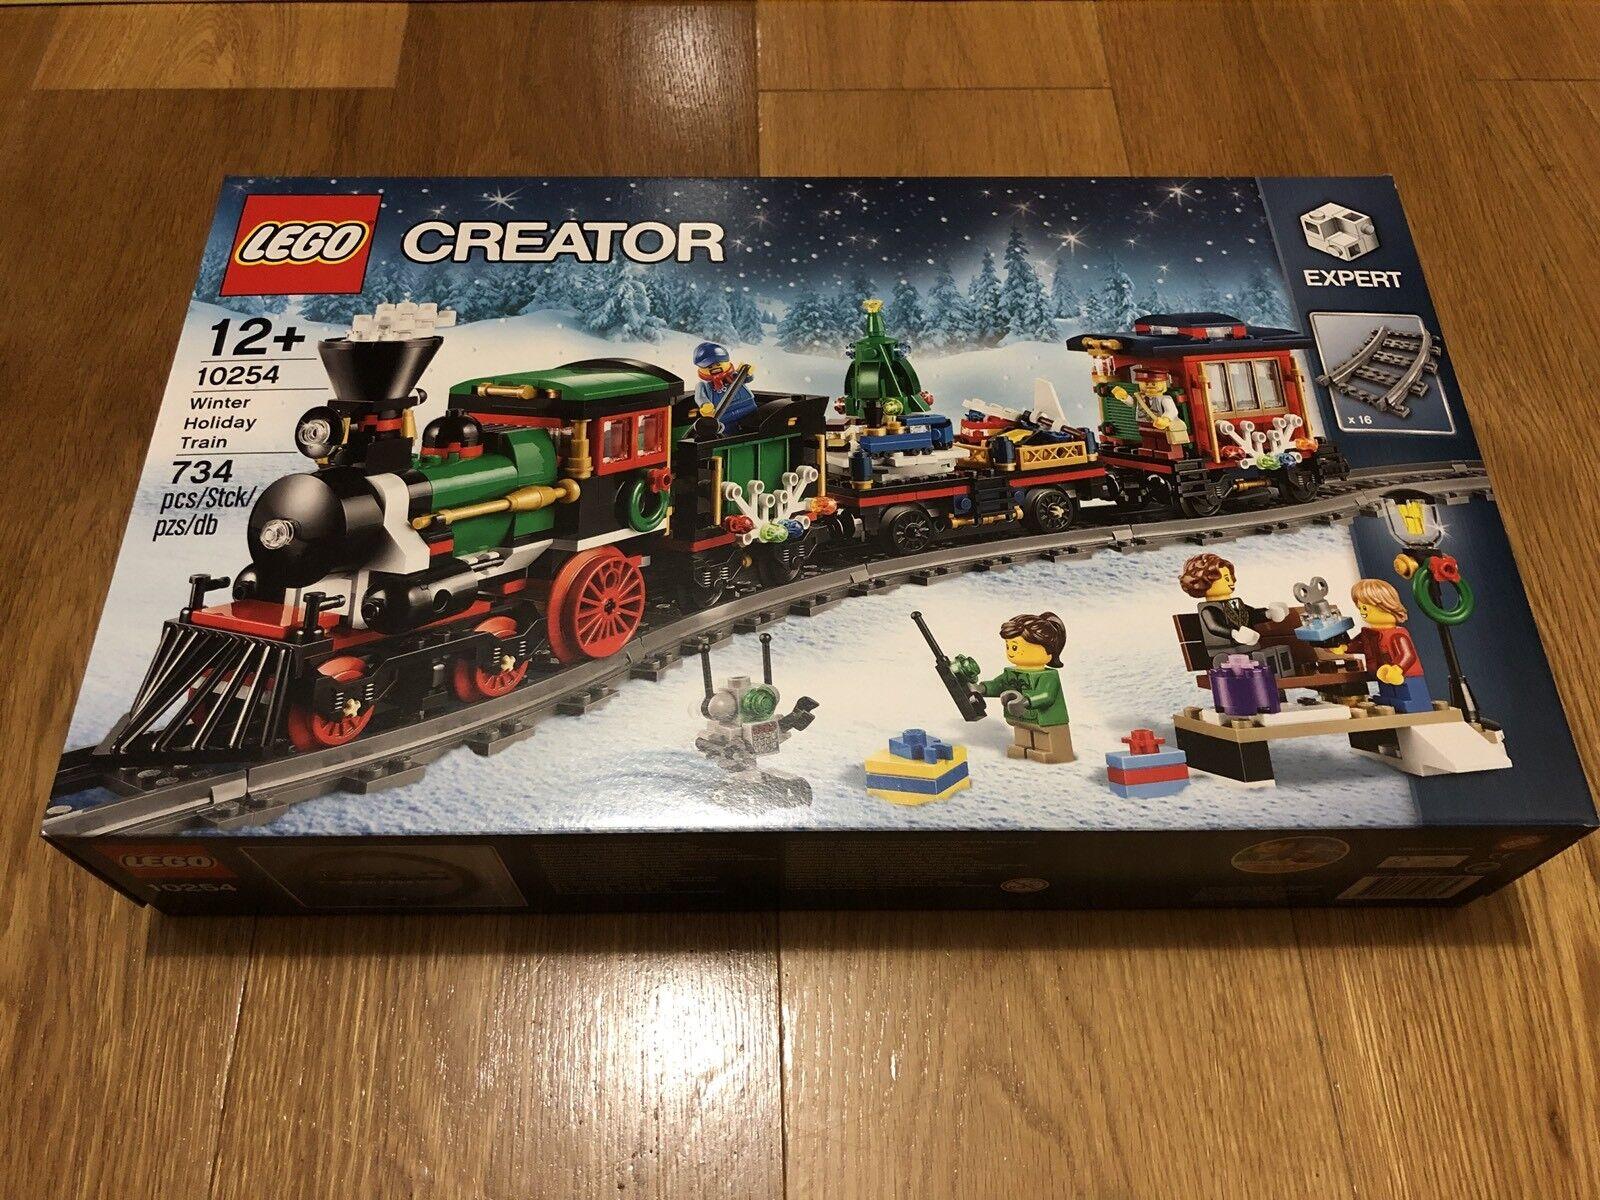 NUOVO  LEGO Tema Natalizio Set  10254 Inverno  Vacanze Treno  esclusivo  punto vendita